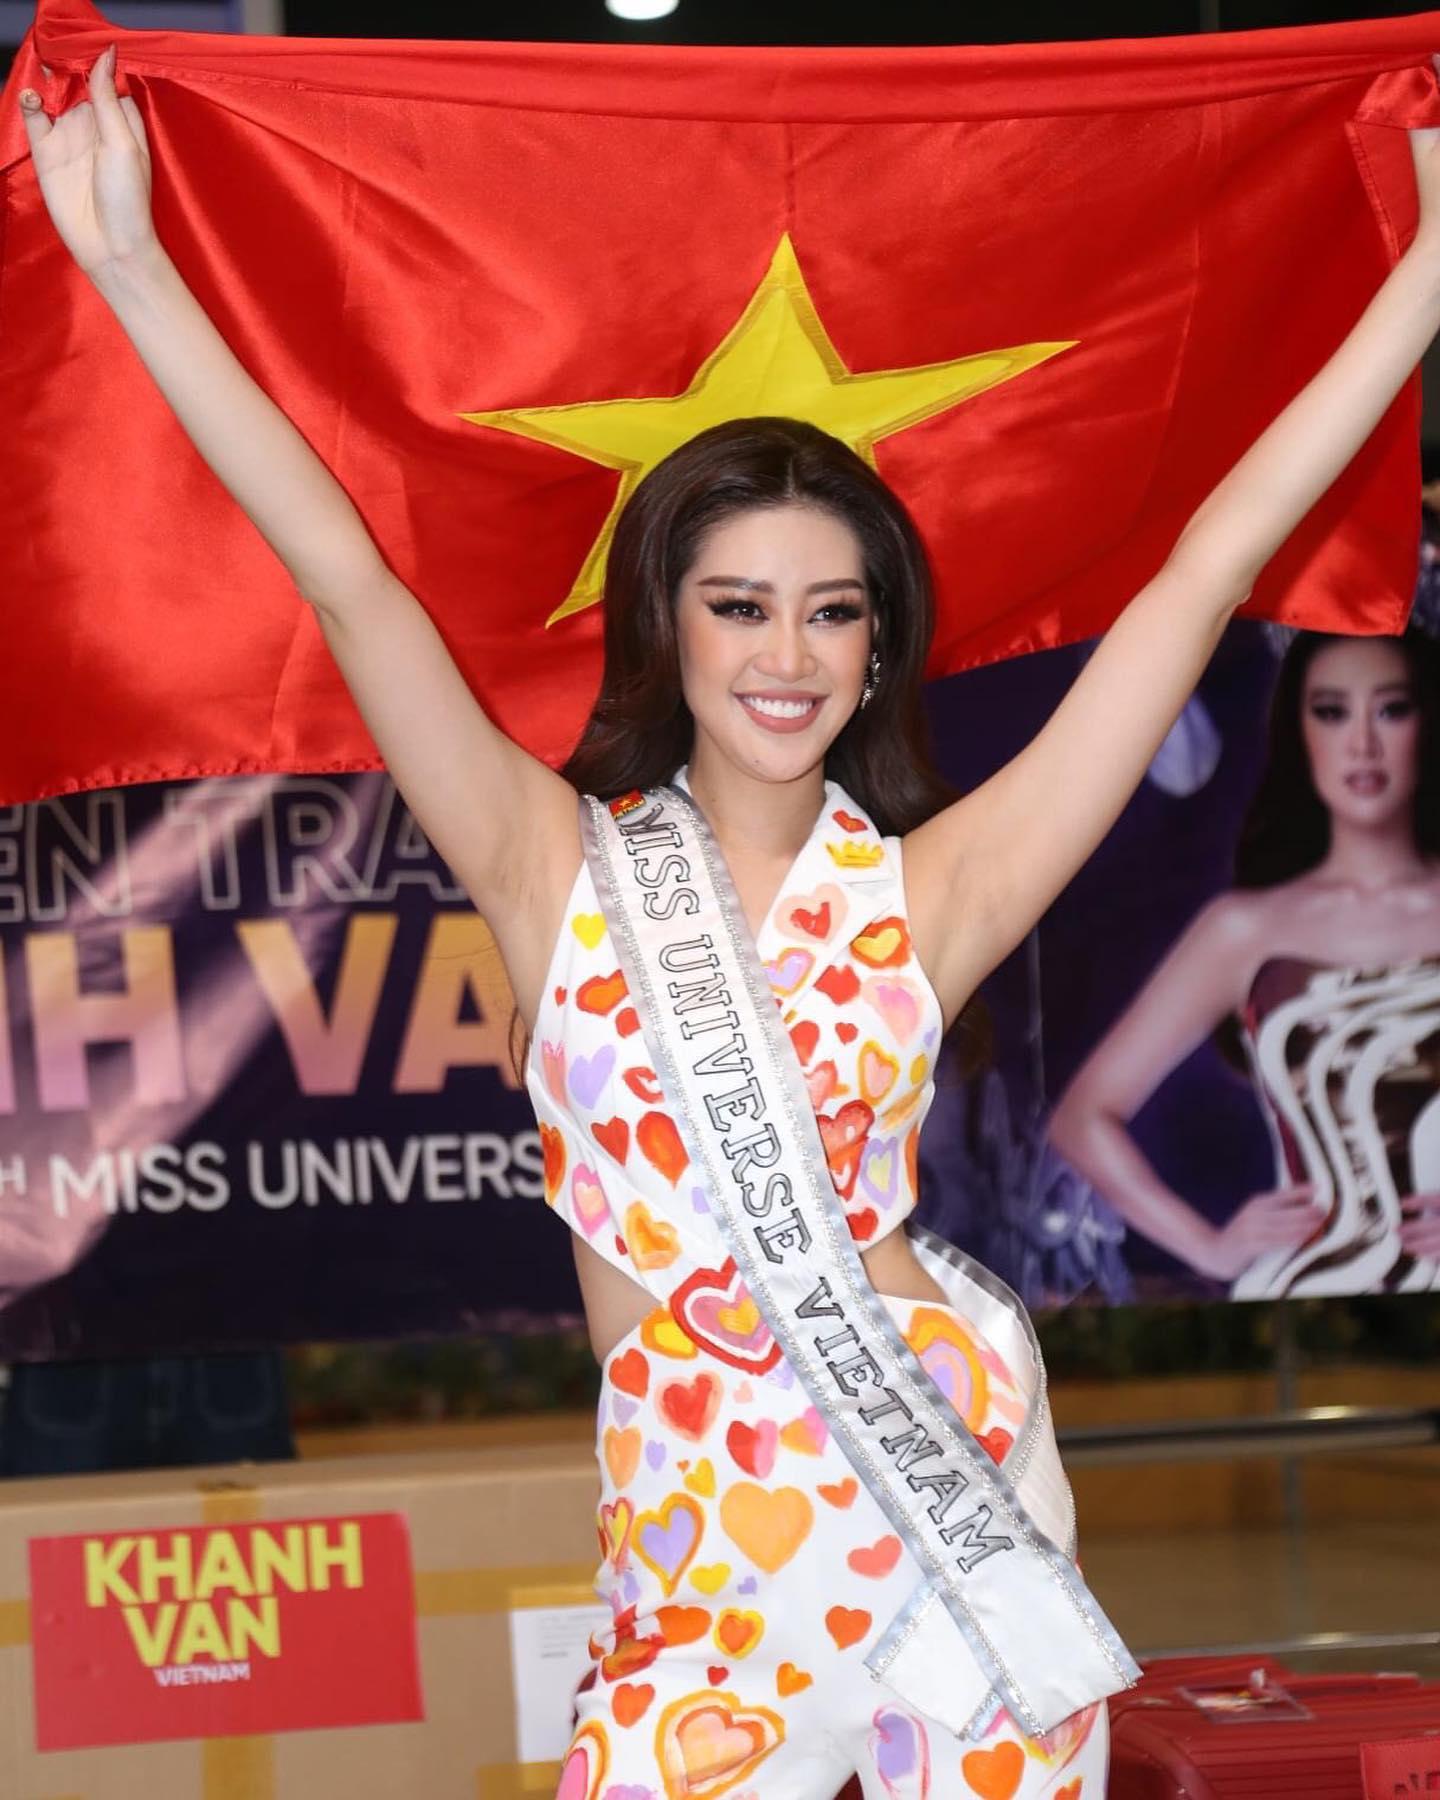 Bộ jumpsuit gửi gắm tình cảm của những người đồng hành cùng Khánh Vân trong cuộc thi.